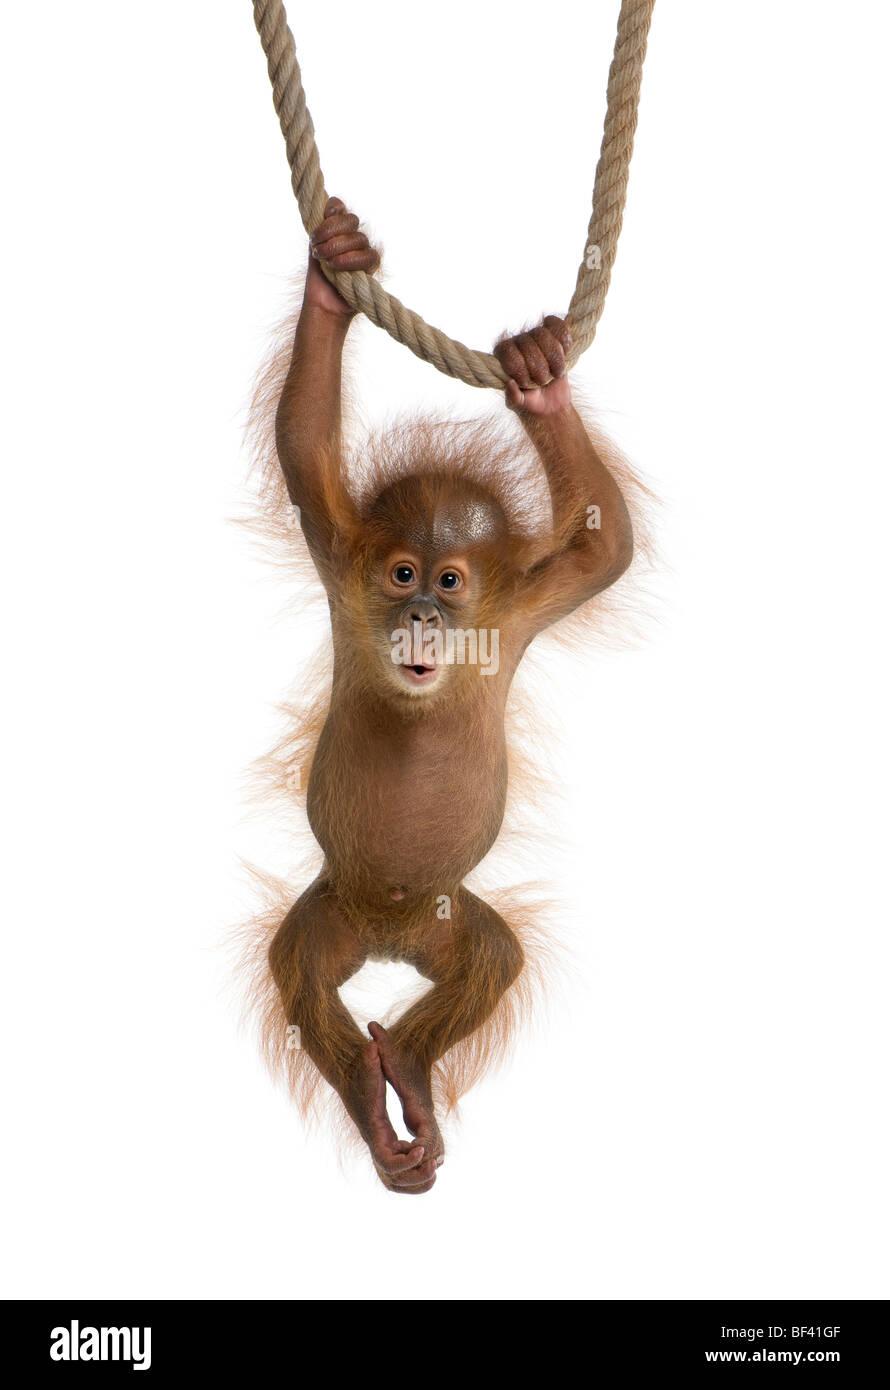 Sumatra, Orangutang un bebé de 4 meses de edad, colgando de una cuerda, delante de un fondo blanco, Foto de Imagen De Stock